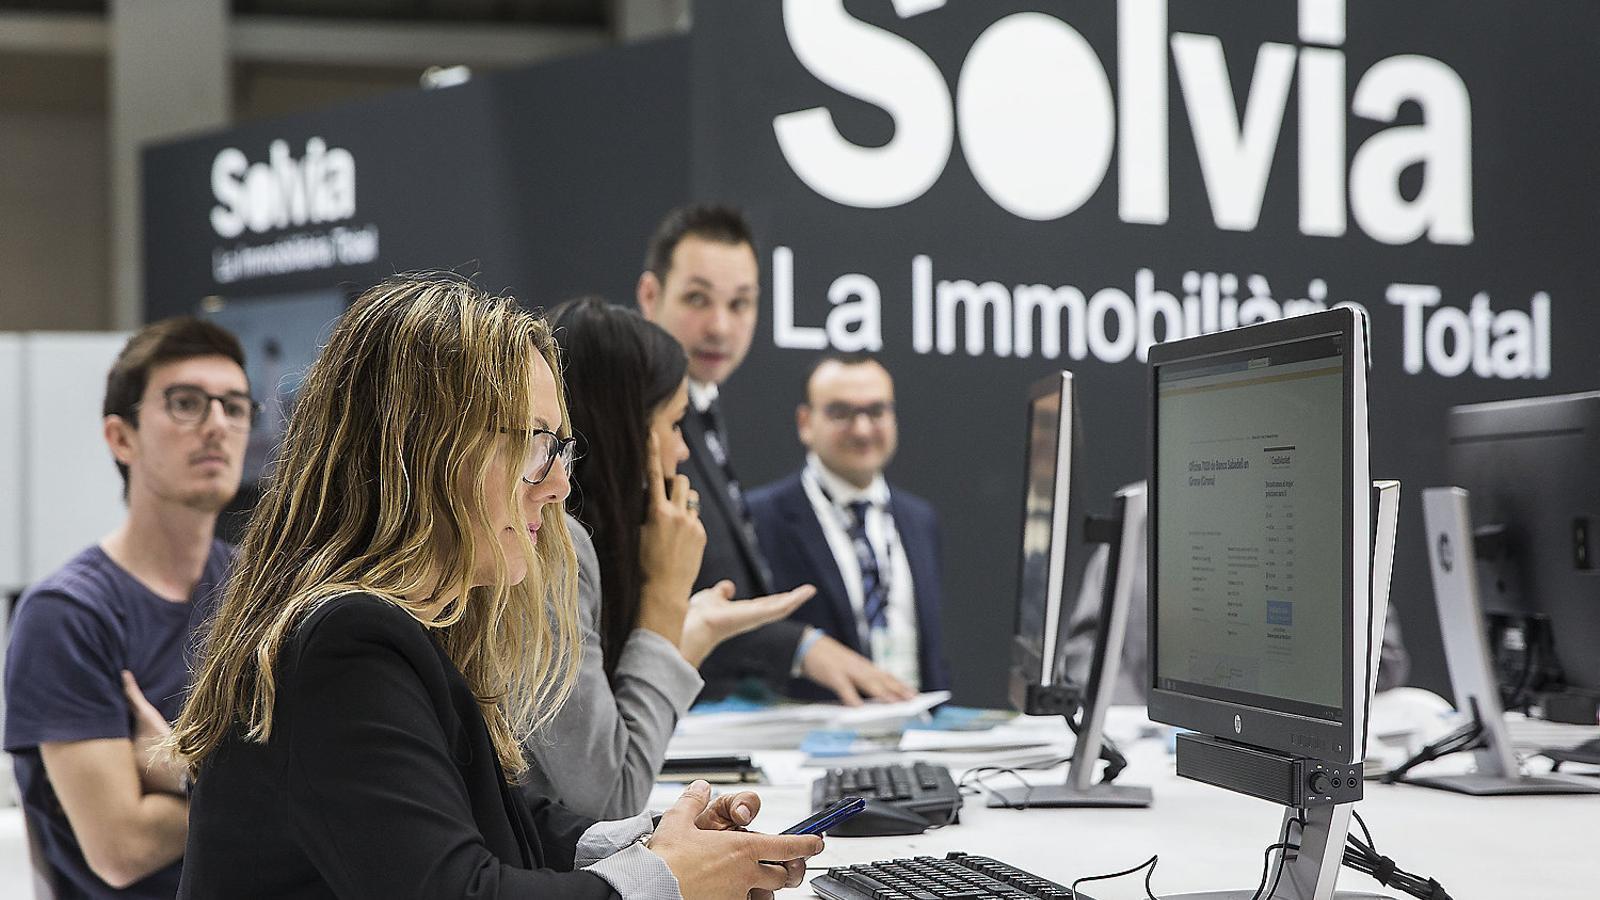 El Sabadell allunya encara més  el totxo amb la venda de Solvia